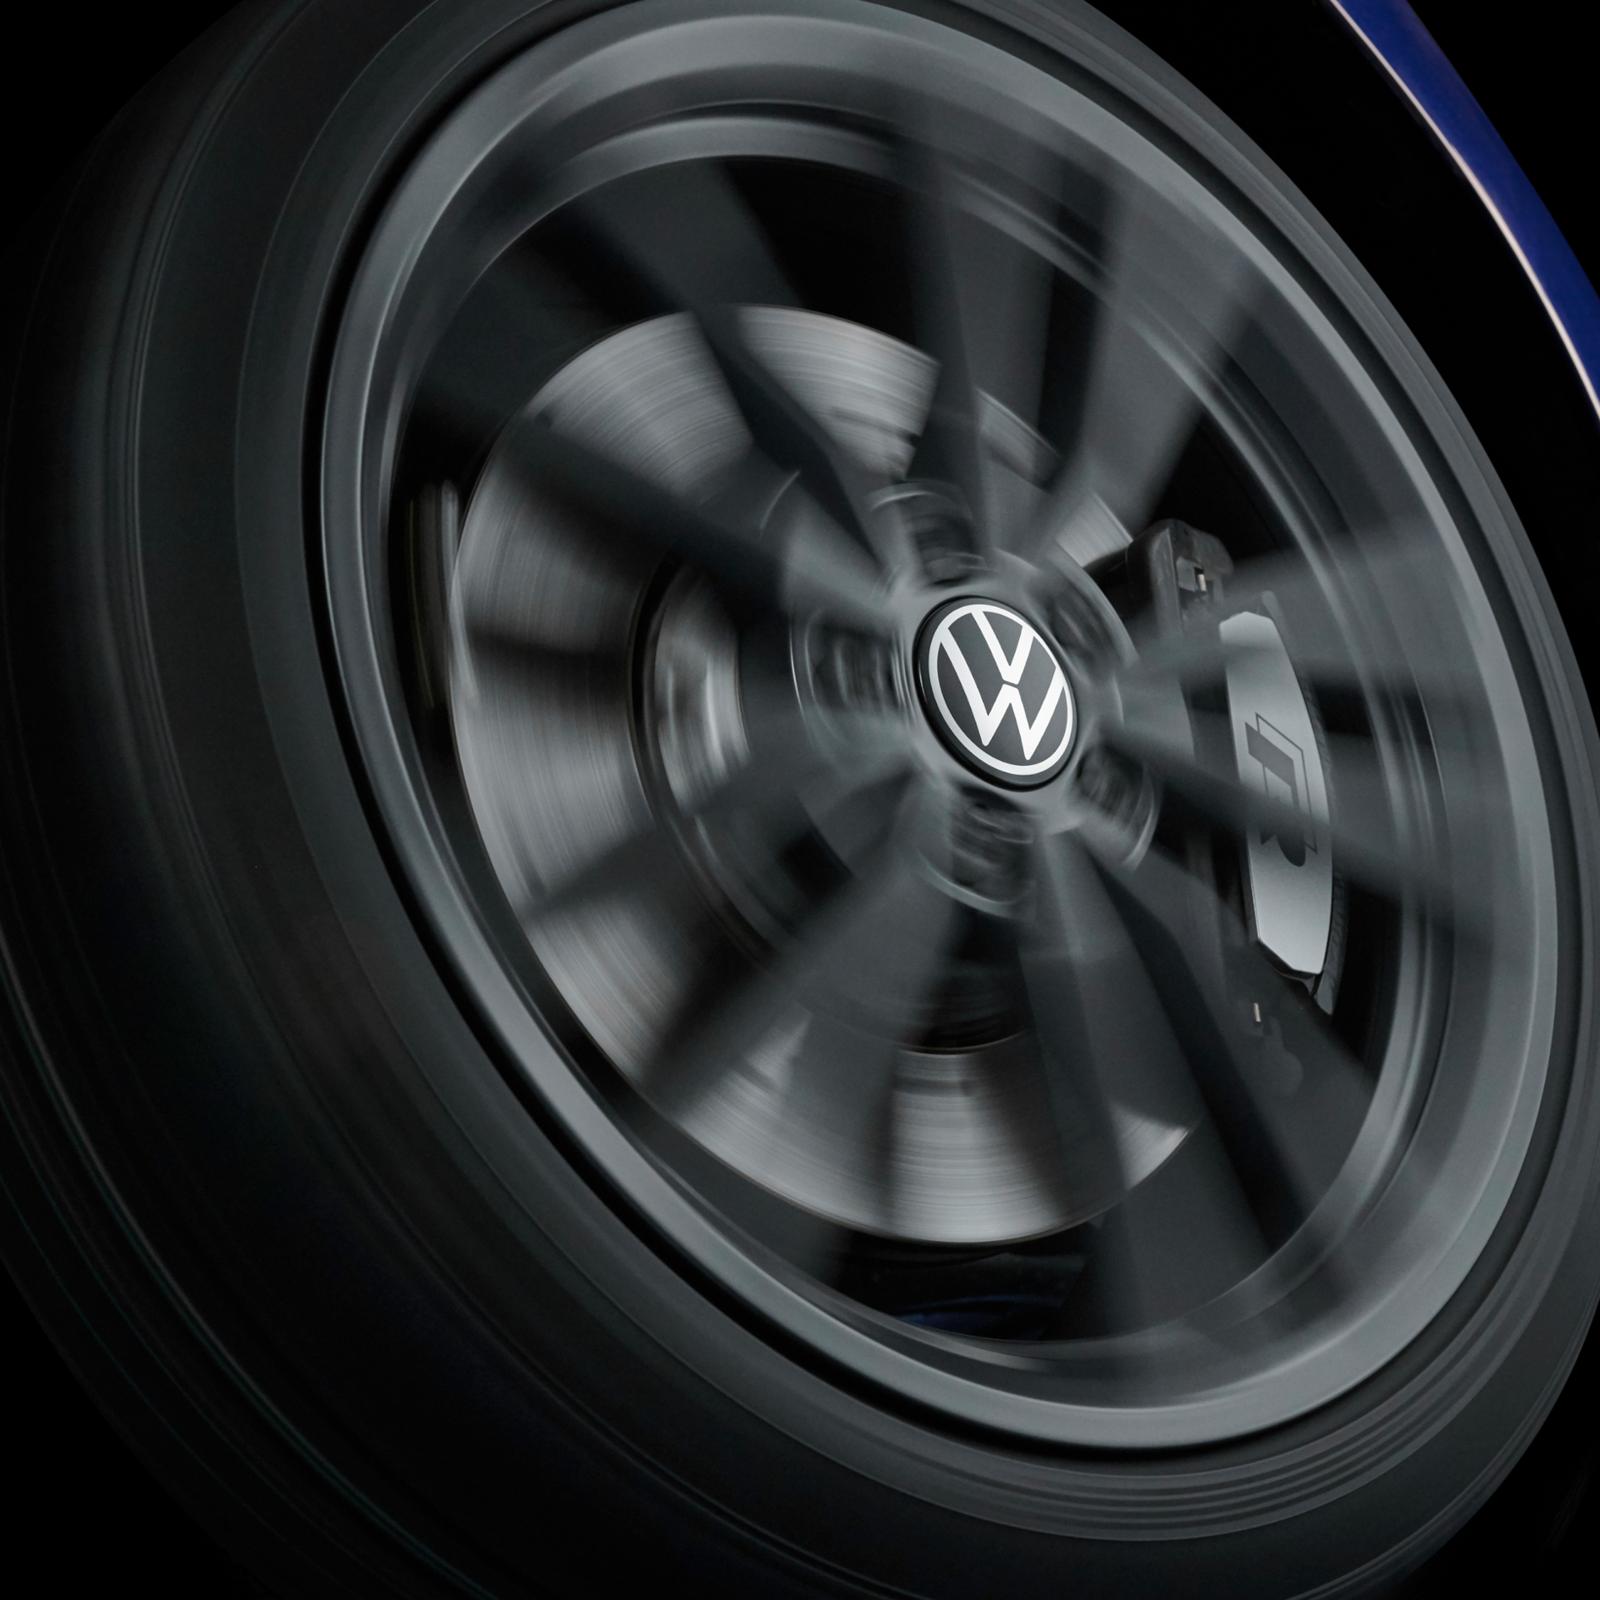 Dynamische Nabenkappen mit neuem Volkswagen Logo 000071213D